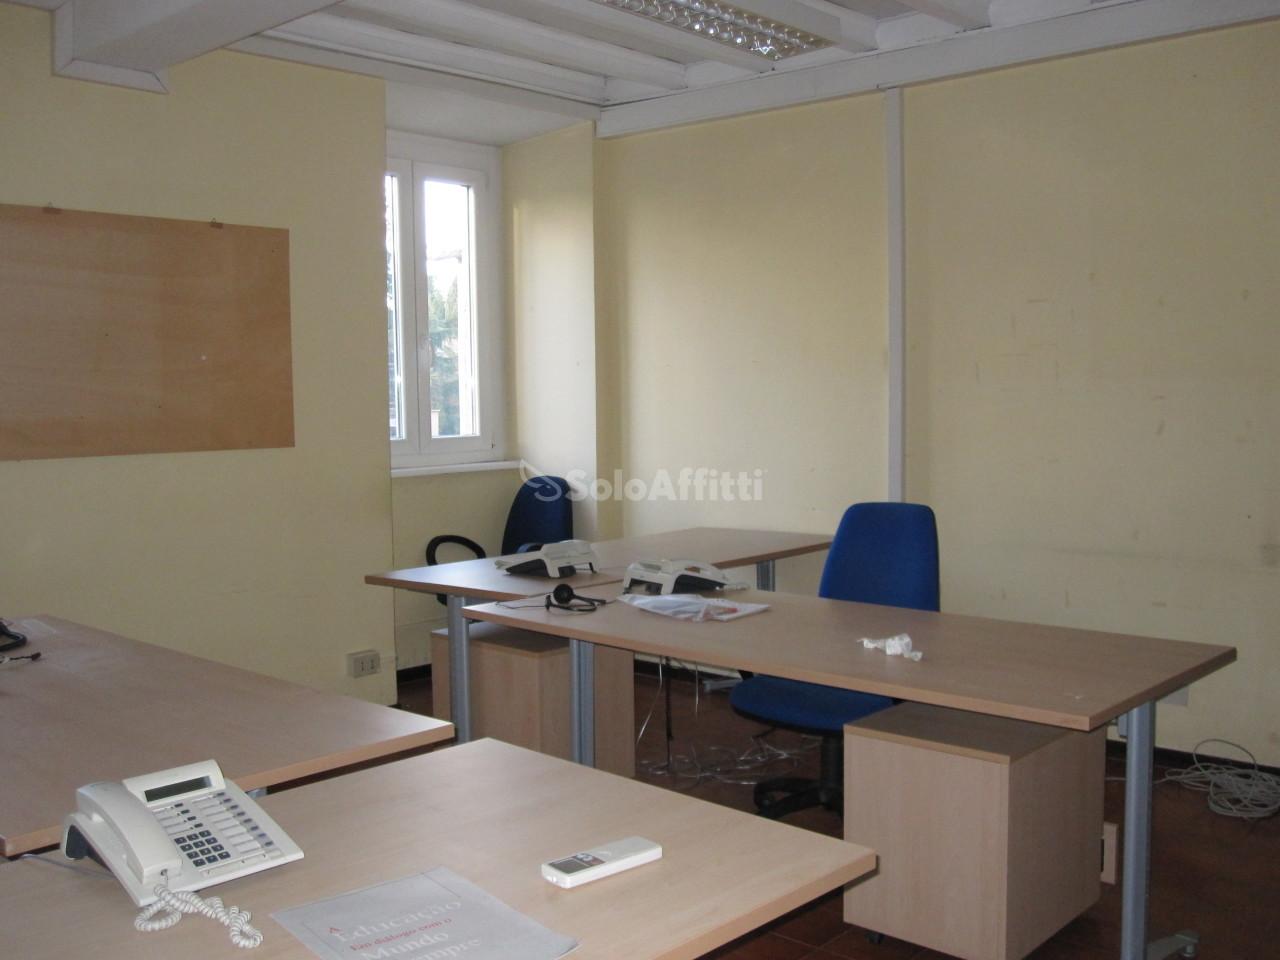 Ufficio 1 locale Arredato